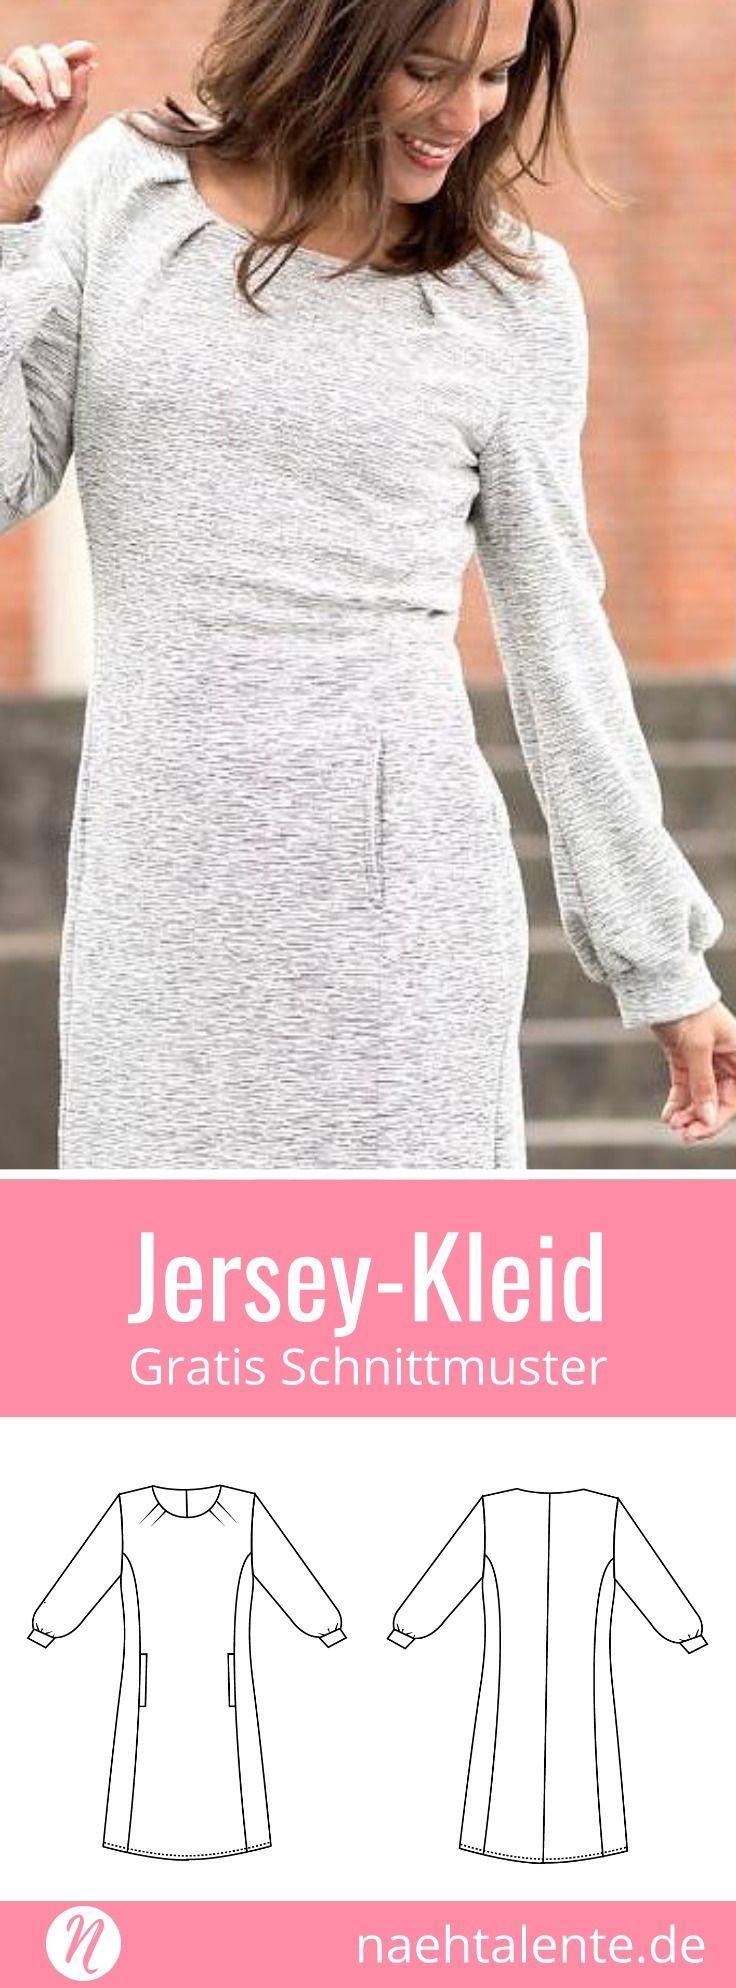 Sonja - Jerseykleid für Damen | Pinterest | Ausdrucken, Besuchen und ...